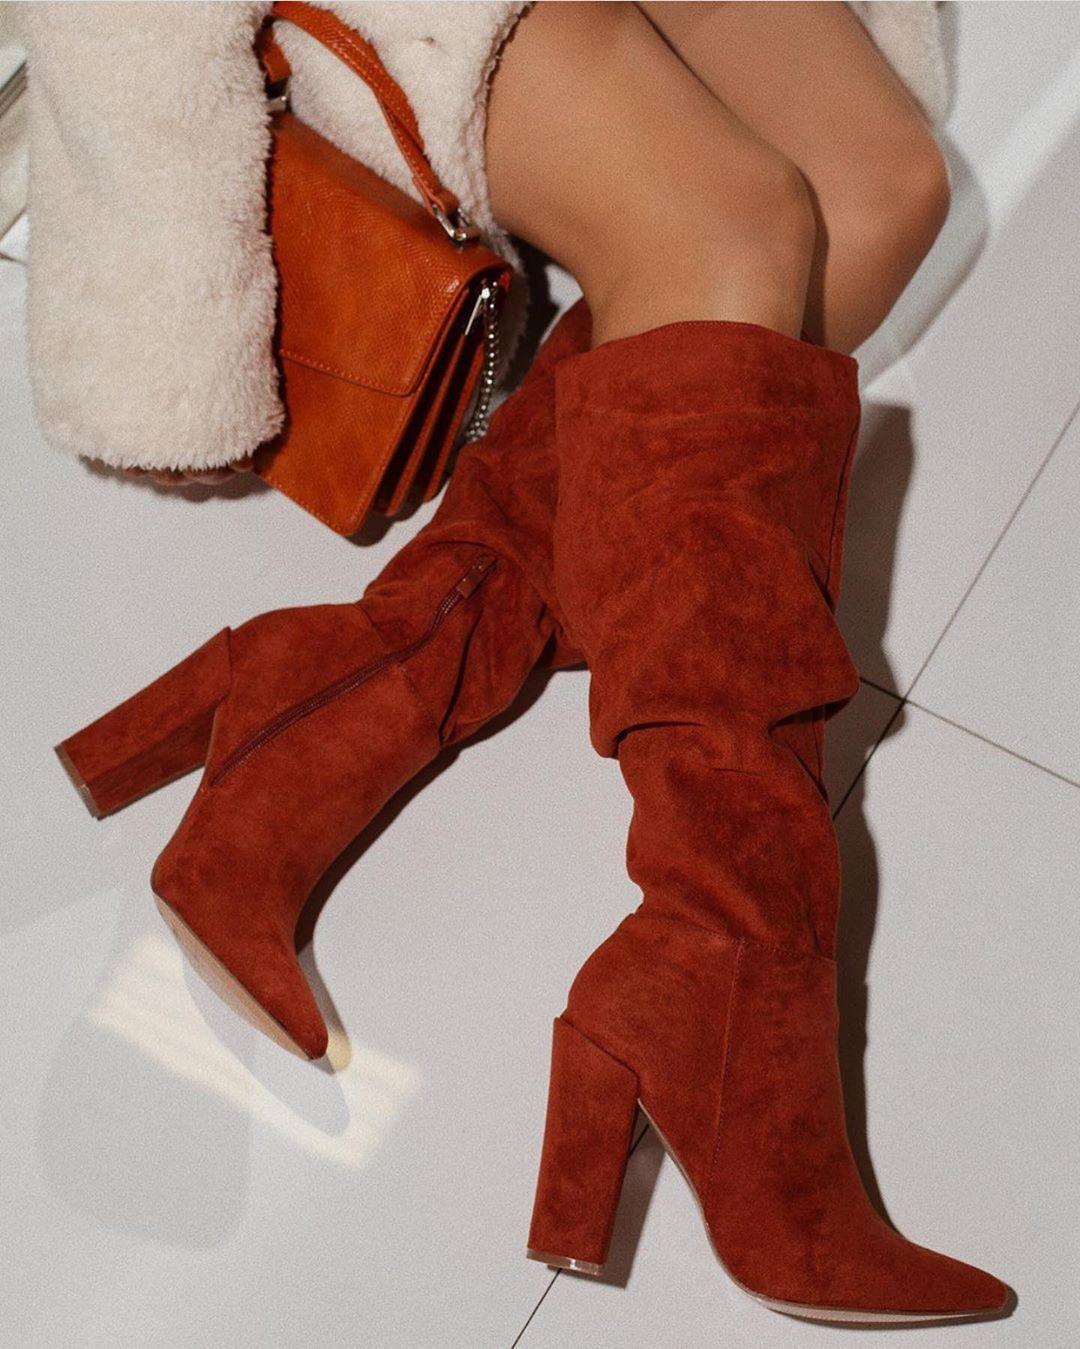 Зимняя женская обувь 2020 фото 2